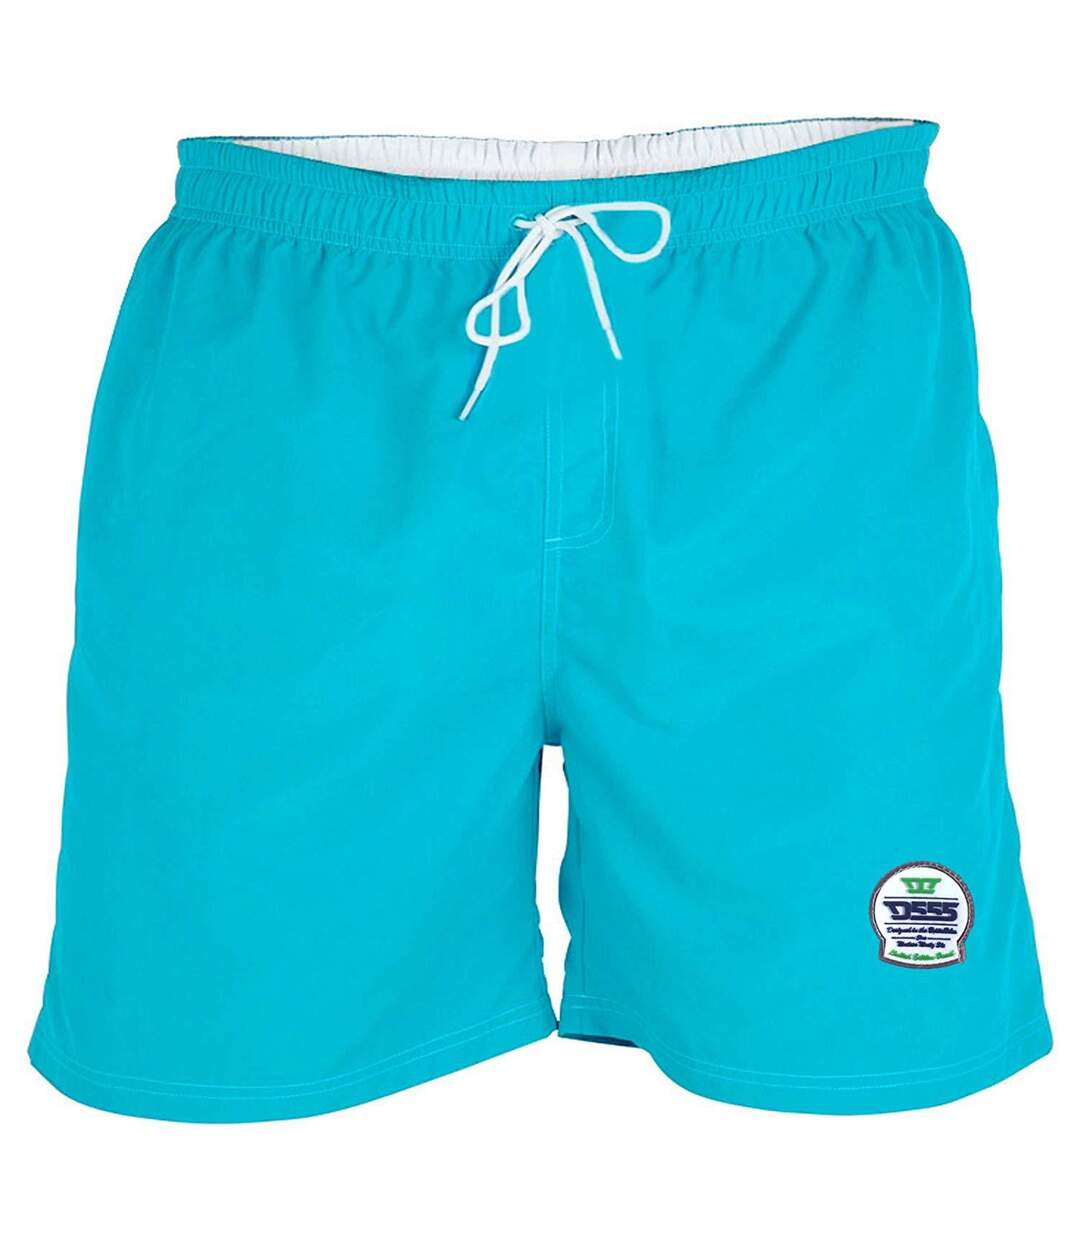 Duke Mens Yarrow Kingsize Full Length Swim Short (Blue) - UTDC193